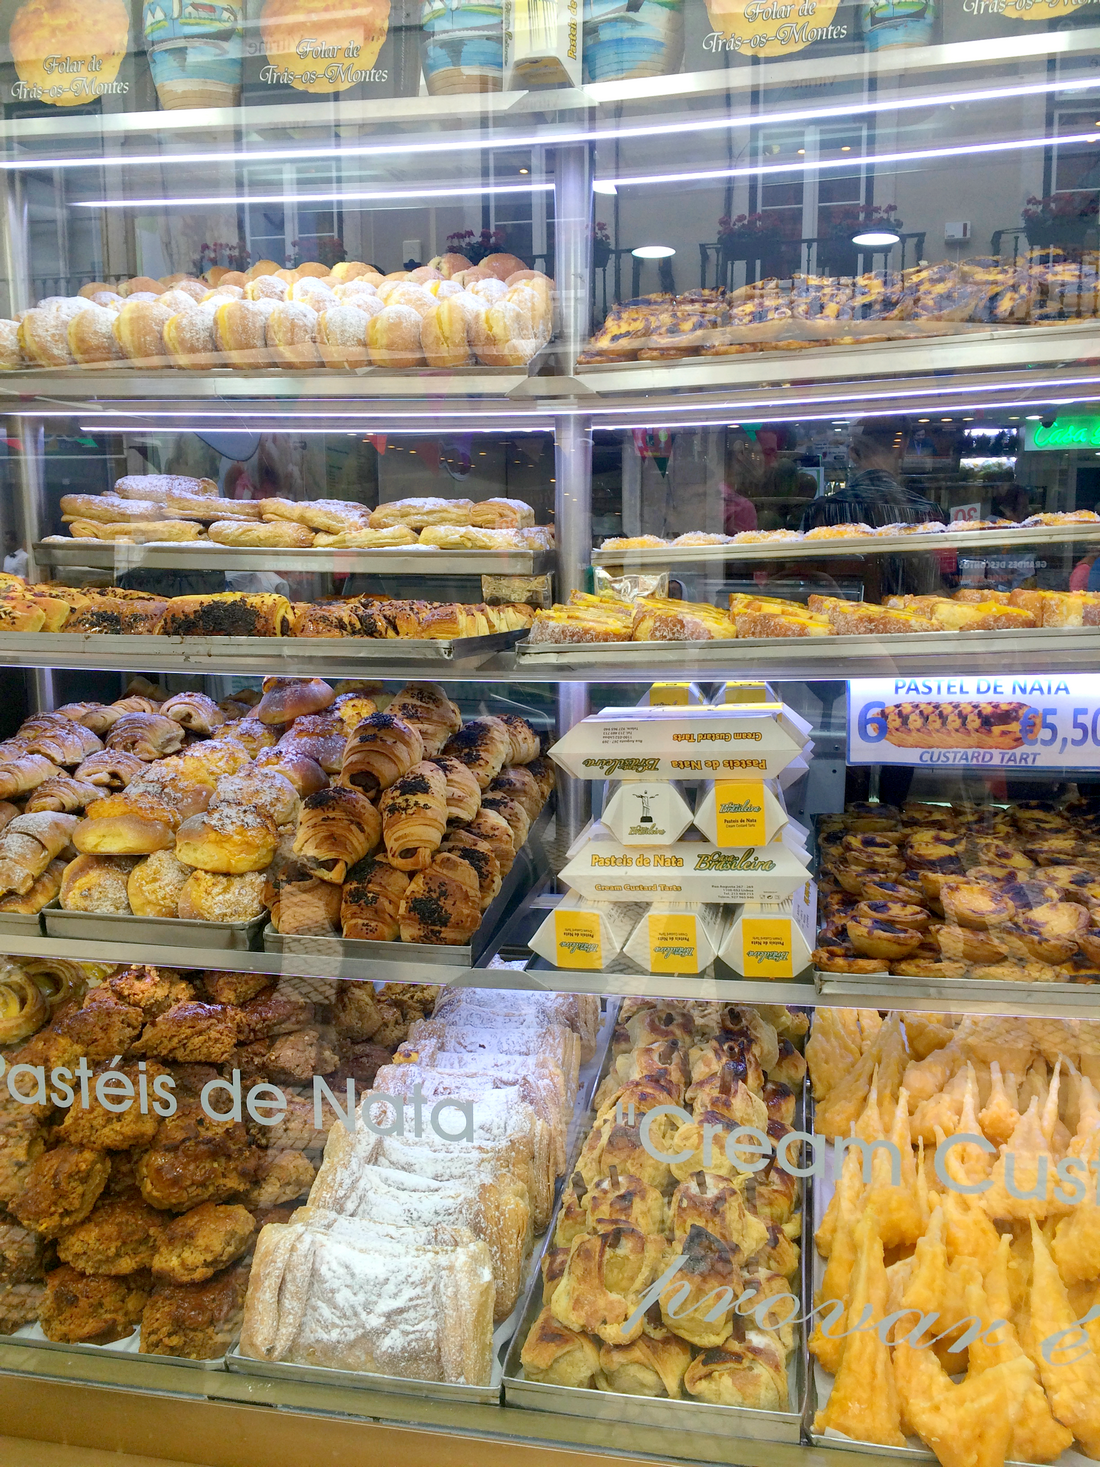 2. Portugal food